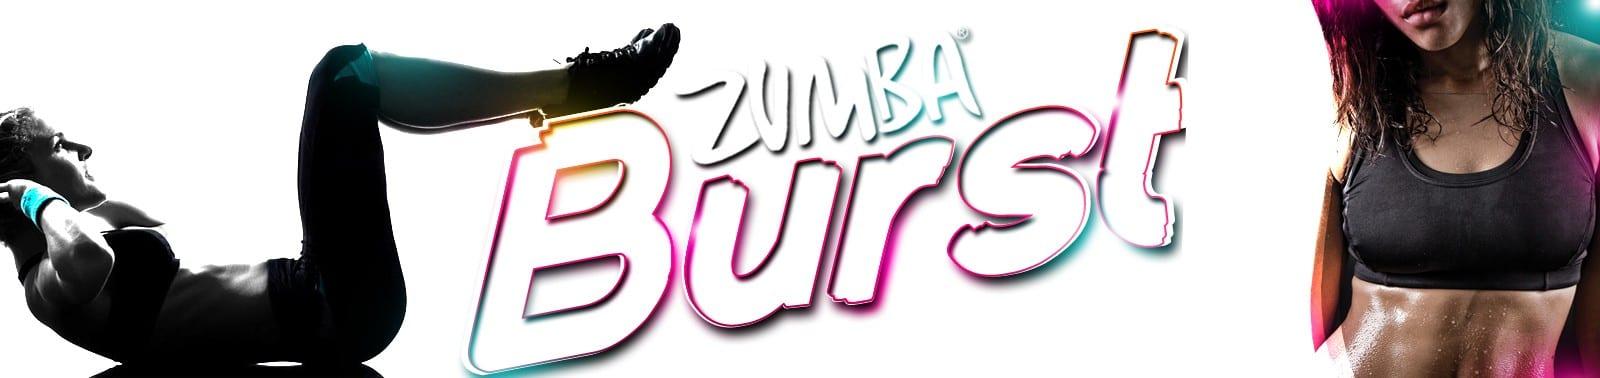 Zumba Burts banner